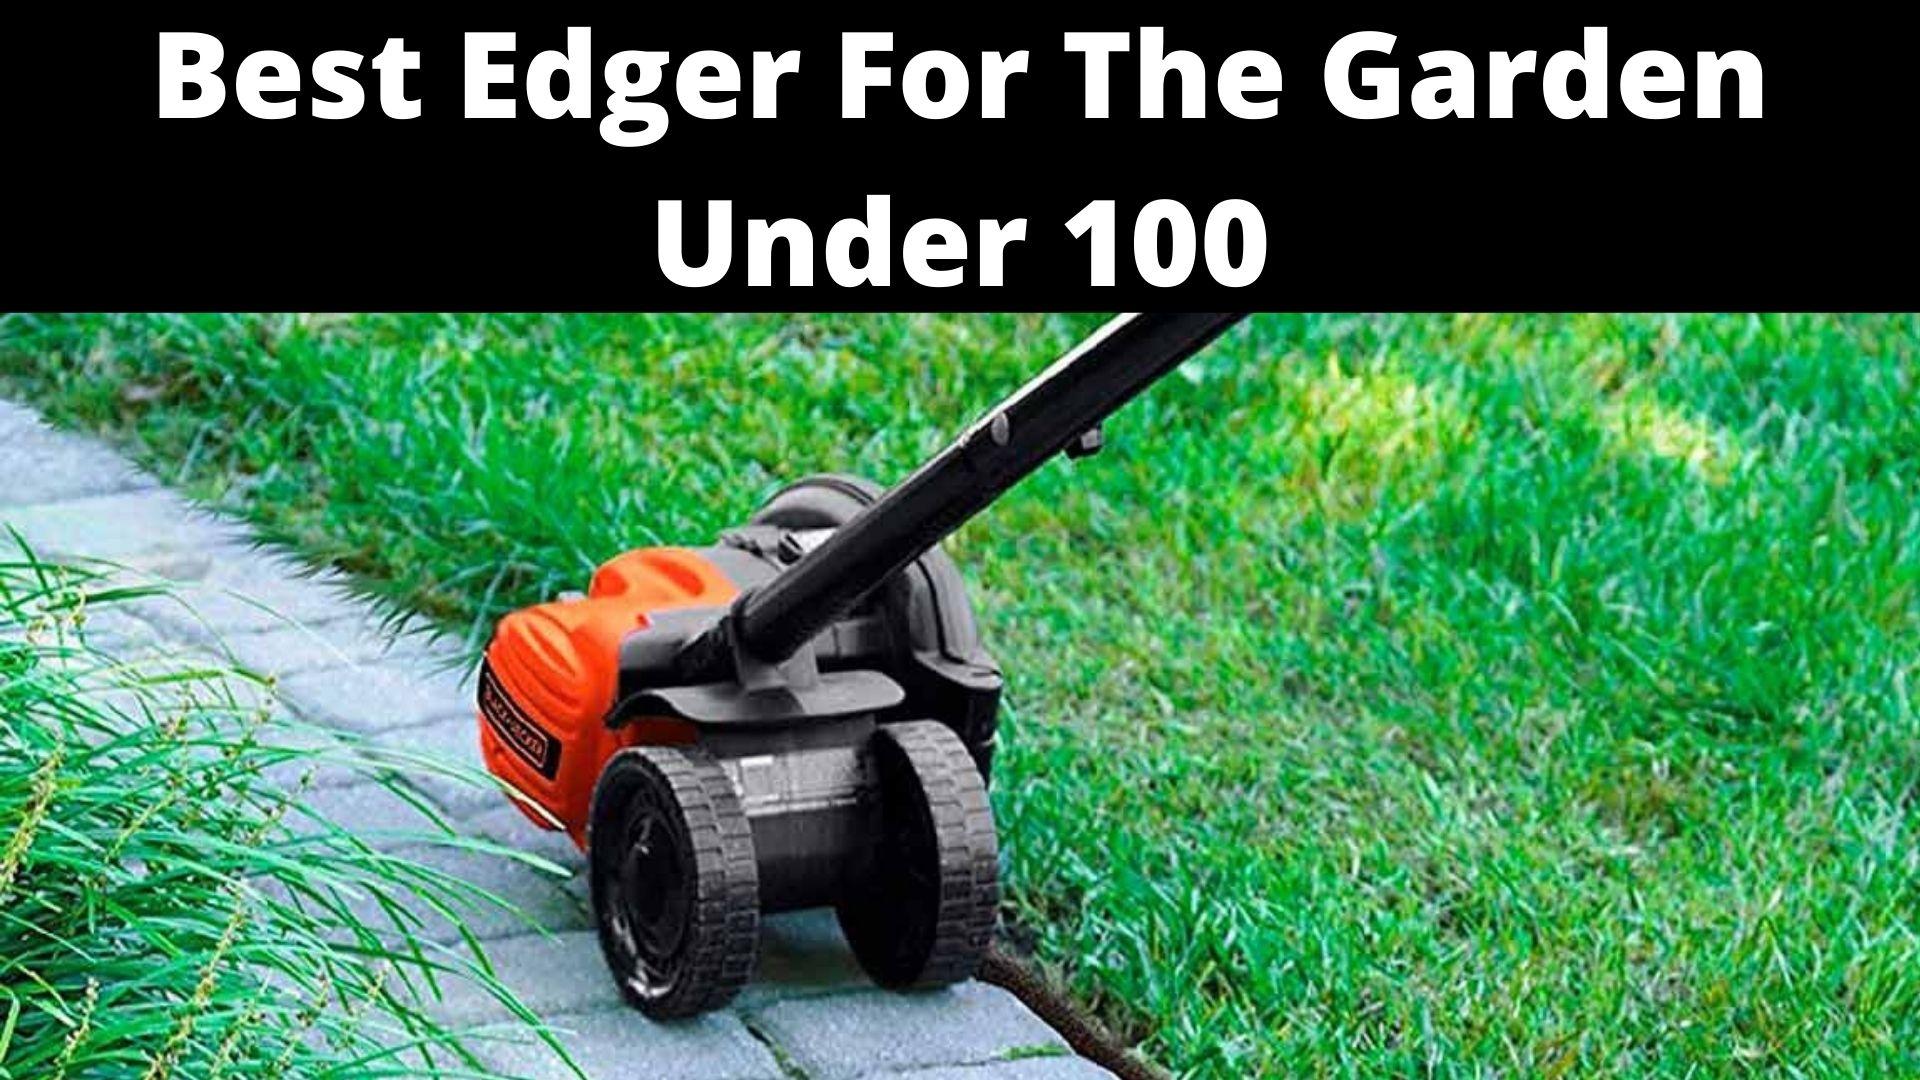 Best Edger For The Garden Under 100